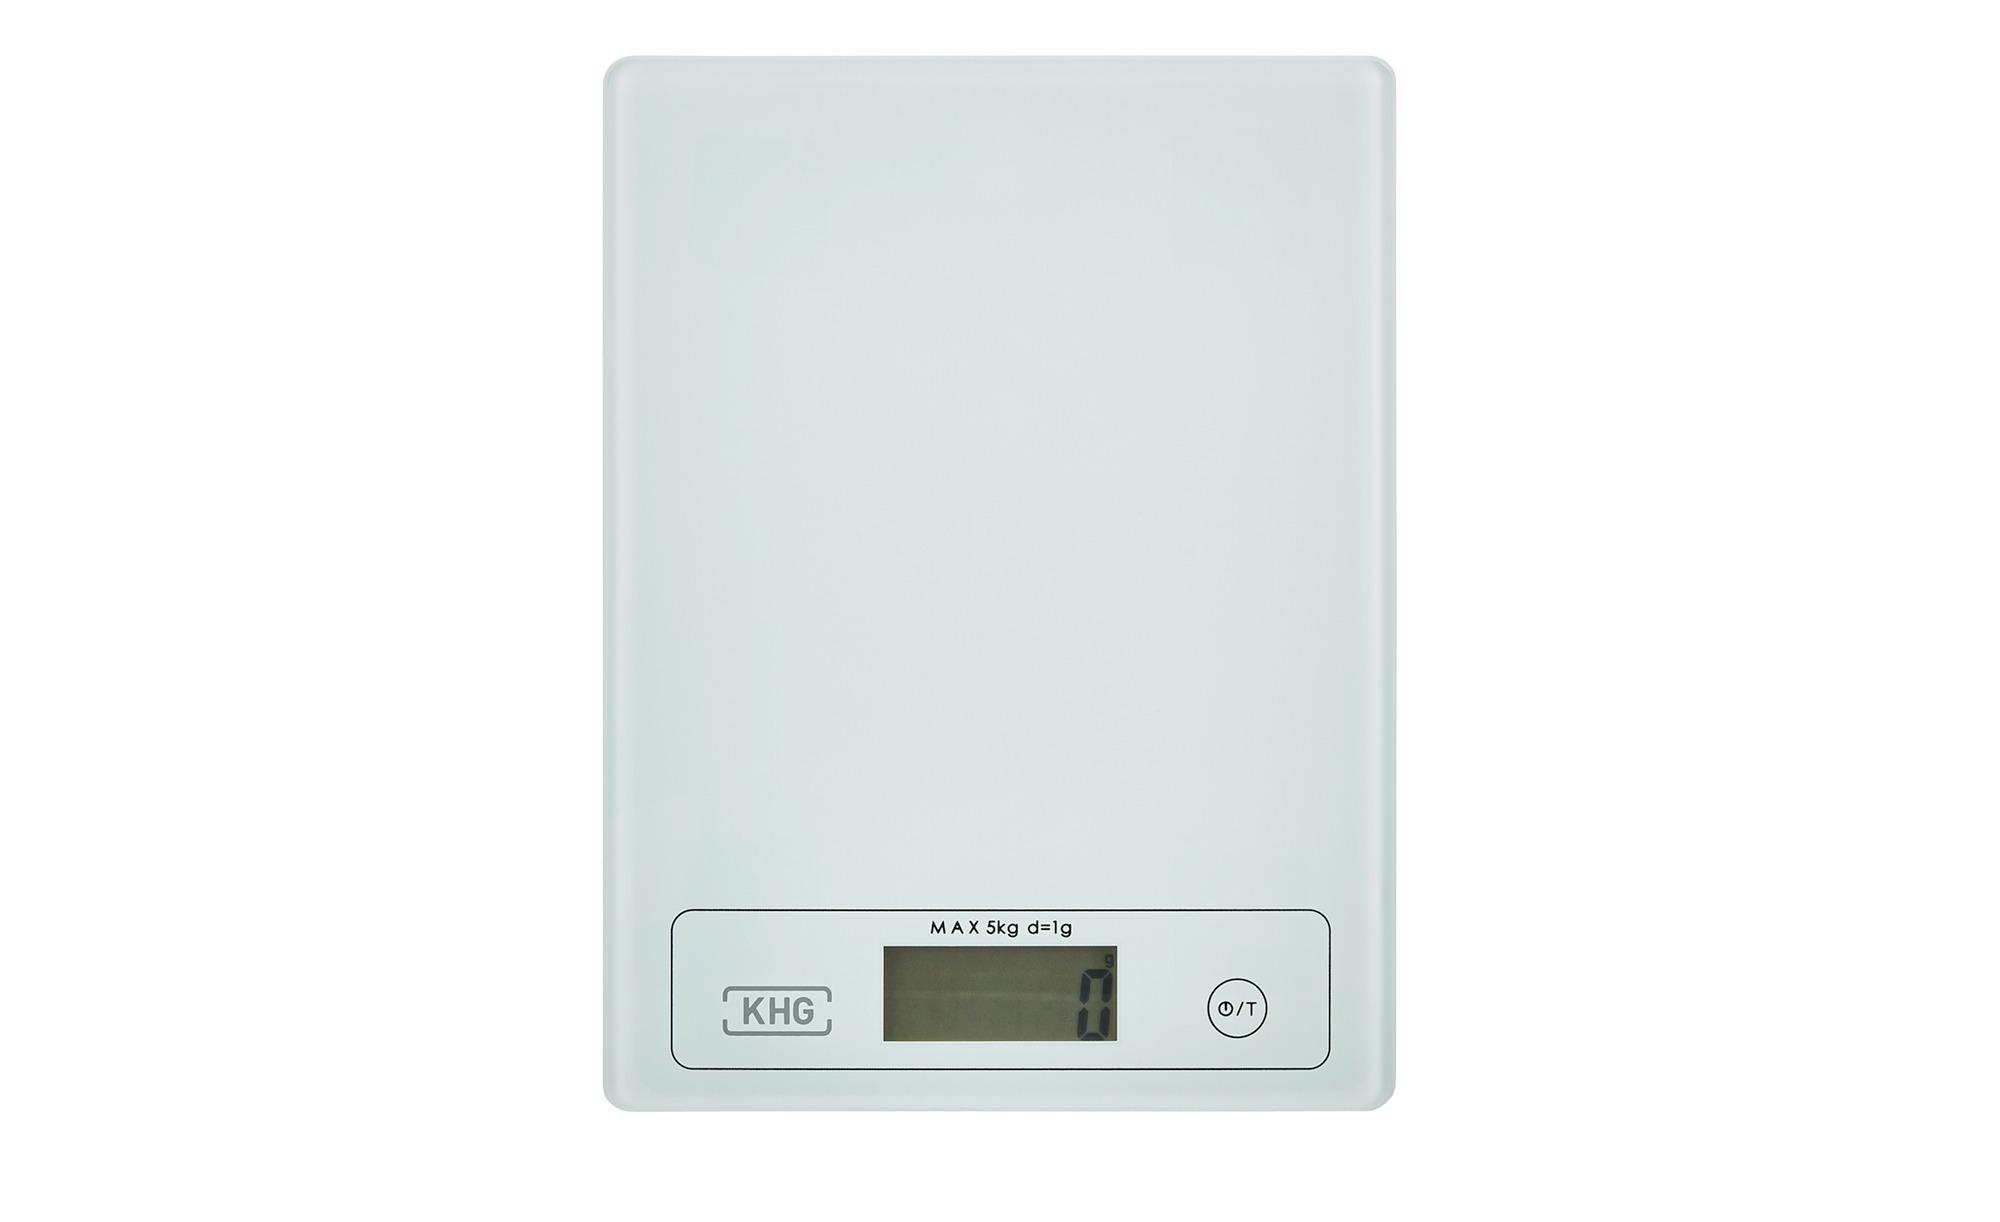 KHG Küchenwaage - weiß - Glas - 15 cm - Elektrokleingeräte > Backen, Kochen, Grillen - Möbel Kraft | Küche und Esszimmer > Küchengeräte > Küchenwaagen | KHG